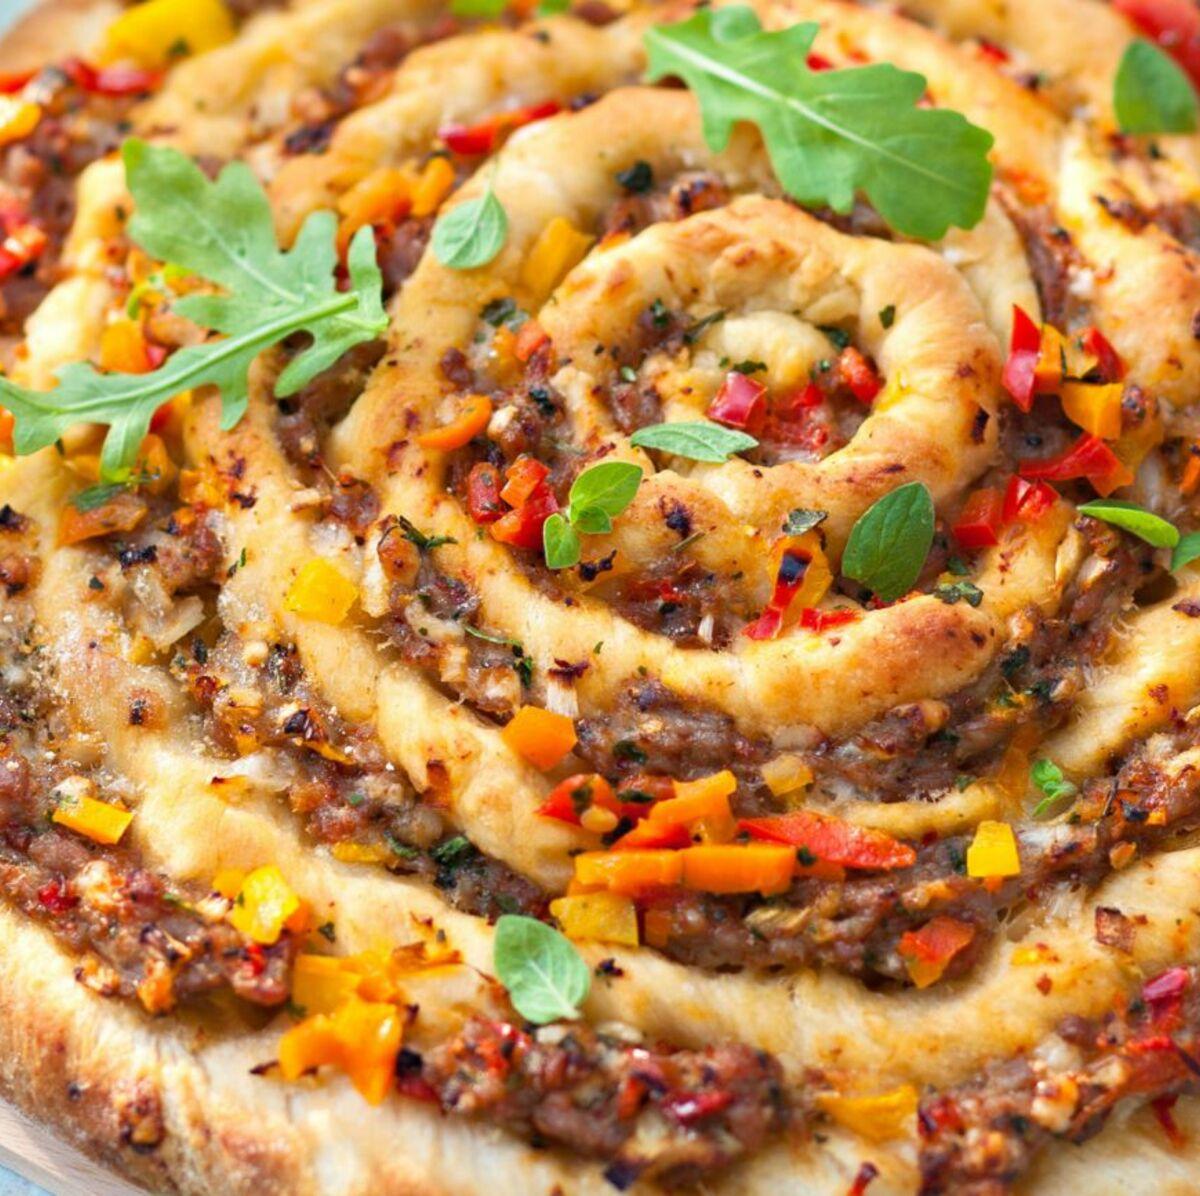 Idée Menu Viande Viande hachée : nos 10 idées de recettes faciles et gourmandes